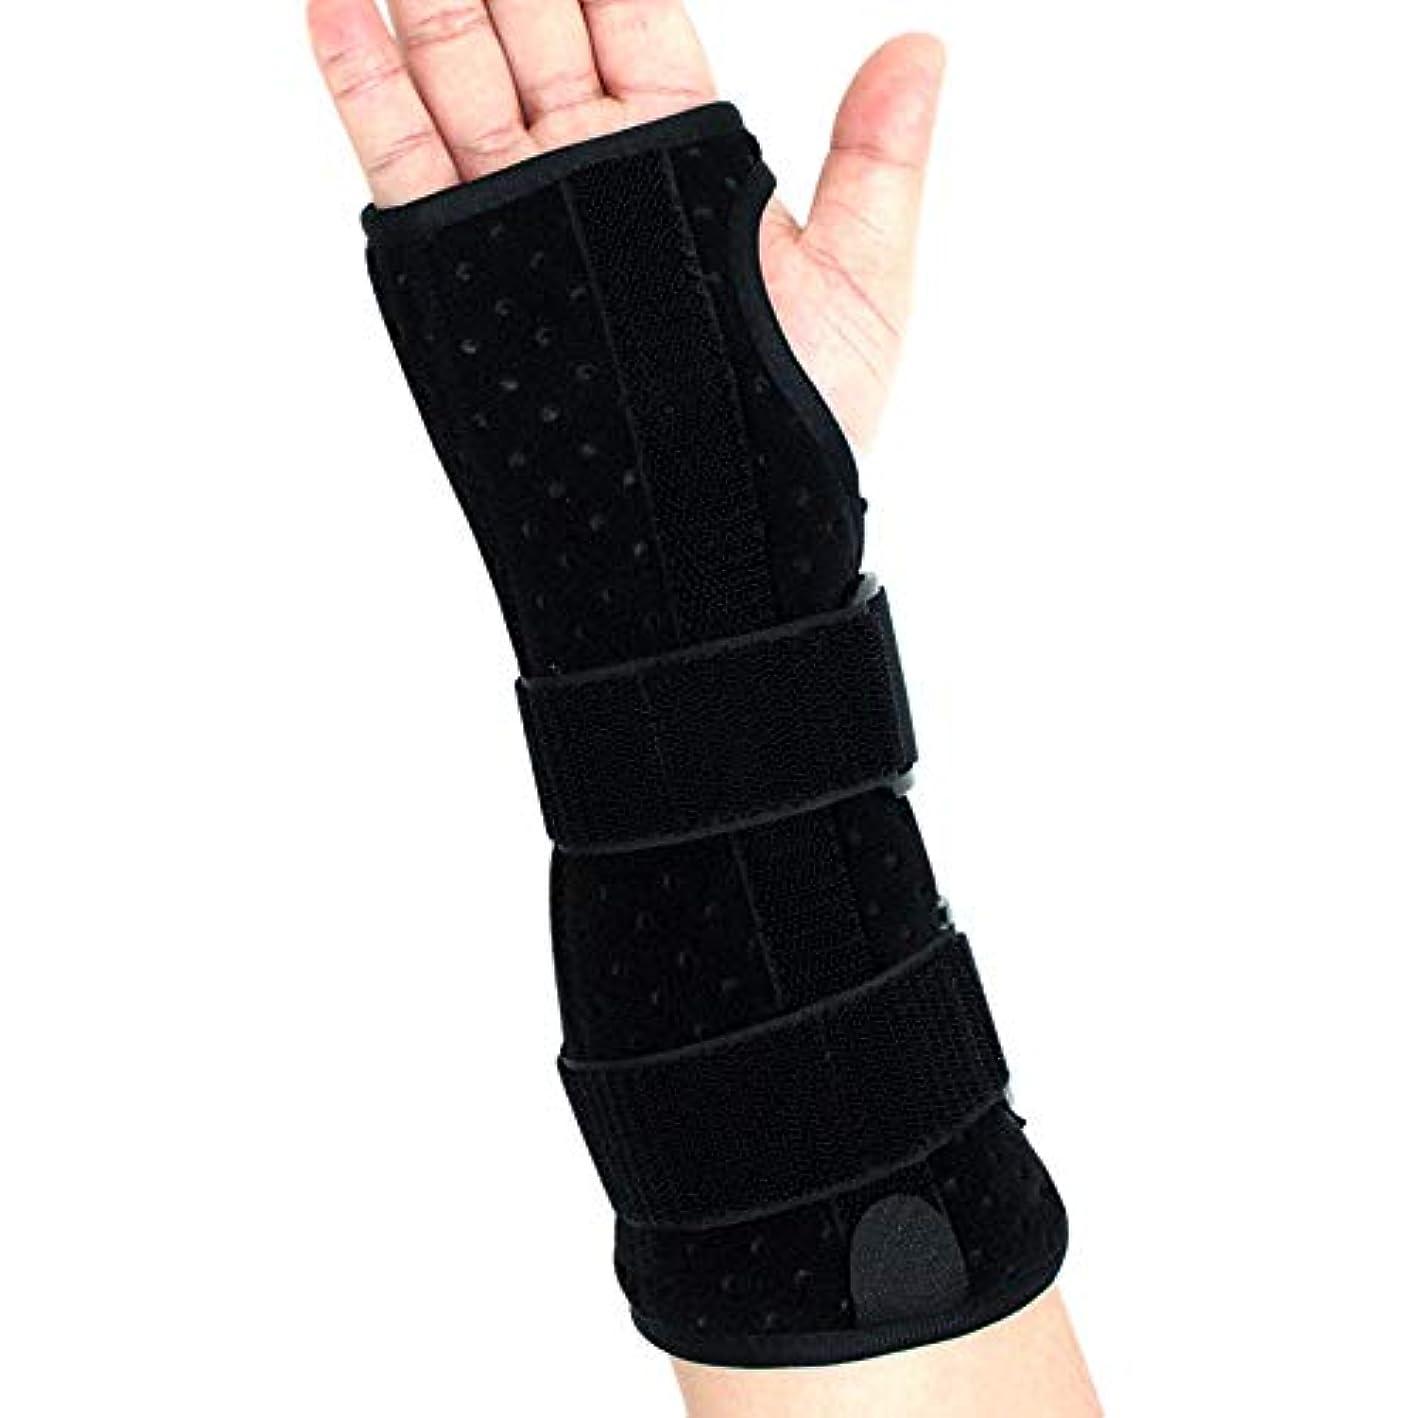 フェデレーション使用法矩形手首サポートブレース、怪我、スポーツ、ジム、繰り返しの緊張などのためのクッション付きパッド付き軽量スプリント デザイン,Righthand,L